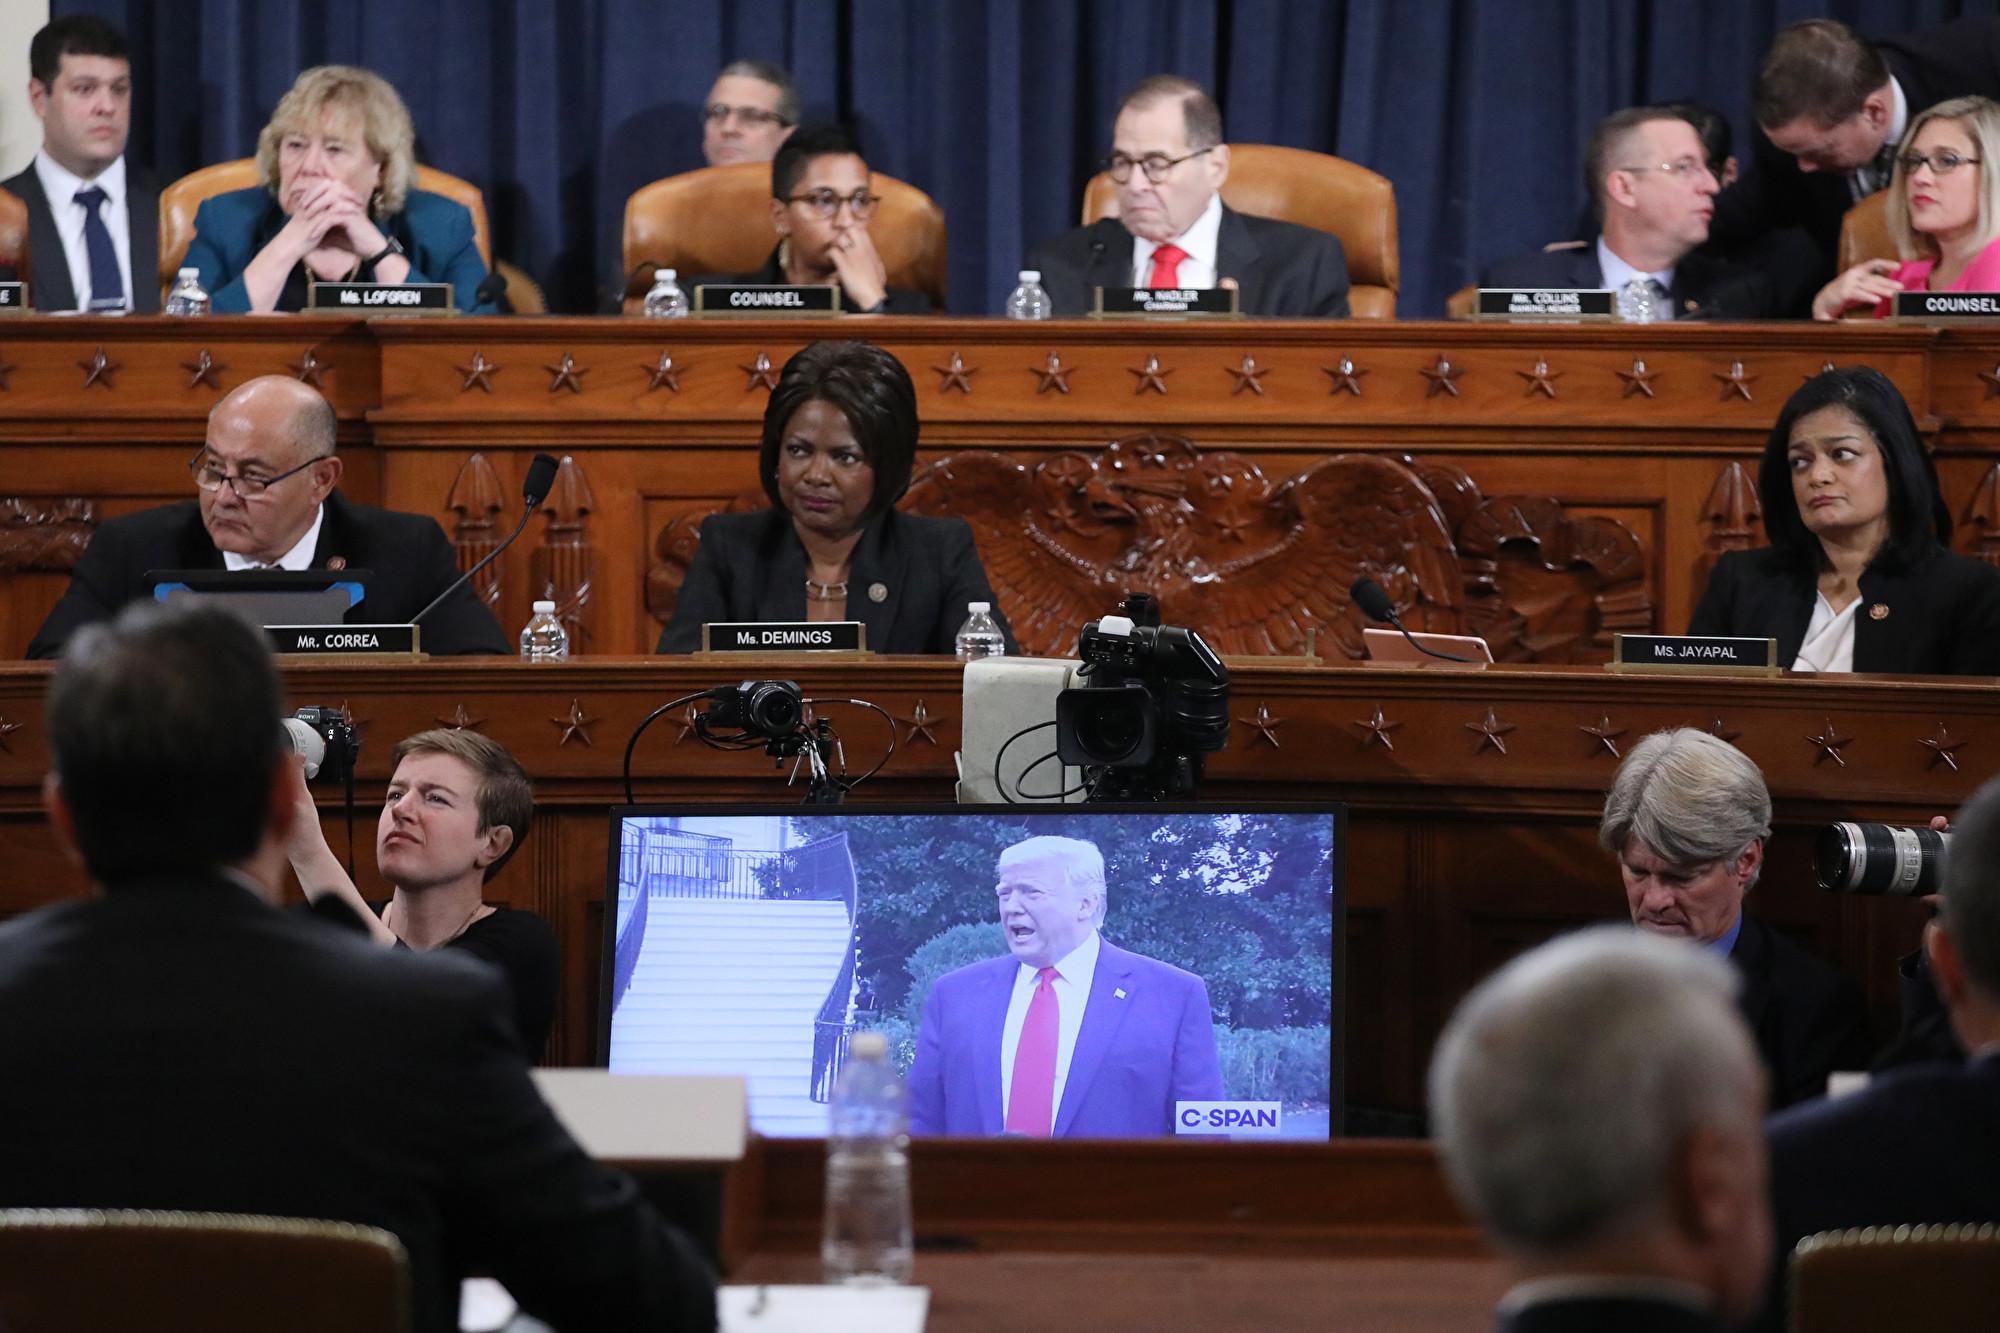 美眾院彈劾聽證 兩黨律師首次庭上爭鋒